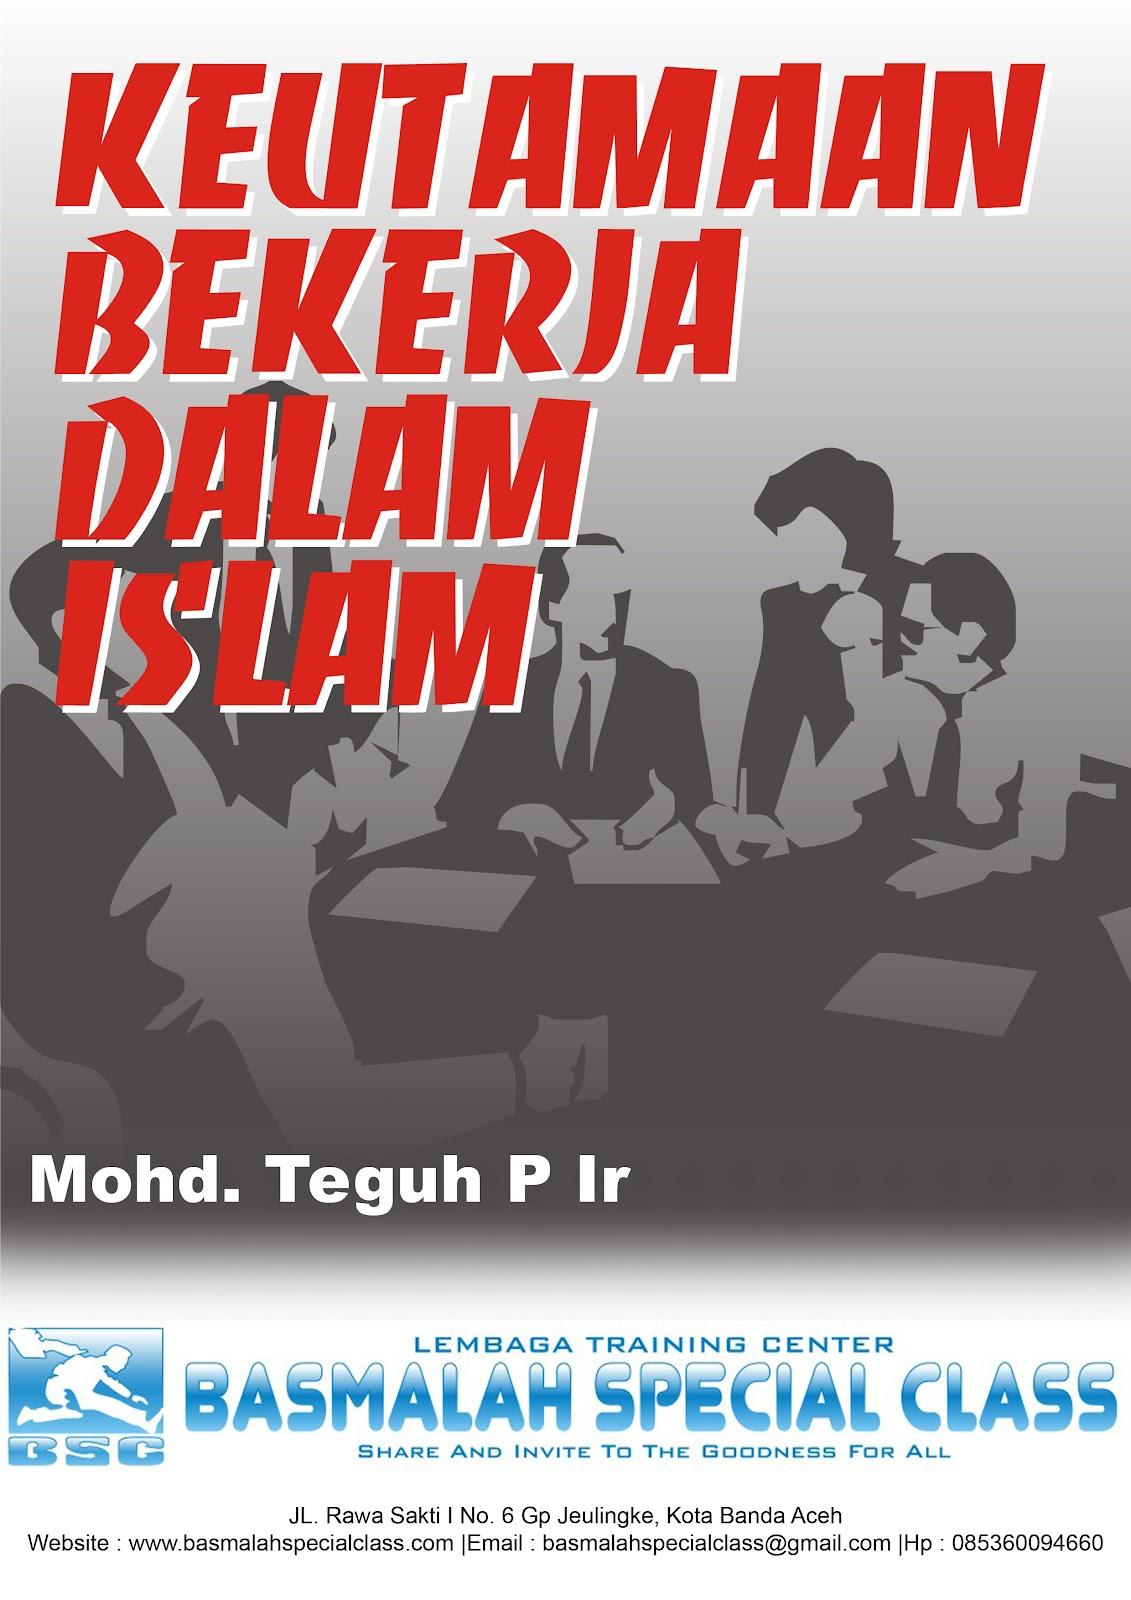 http://4.bp.blogspot.com/-f-bfErr-UgA/T6NqWLBJ9CI/AAAAAAAAA0M/Lnq2h03TOt4/s1600/cover.jpg